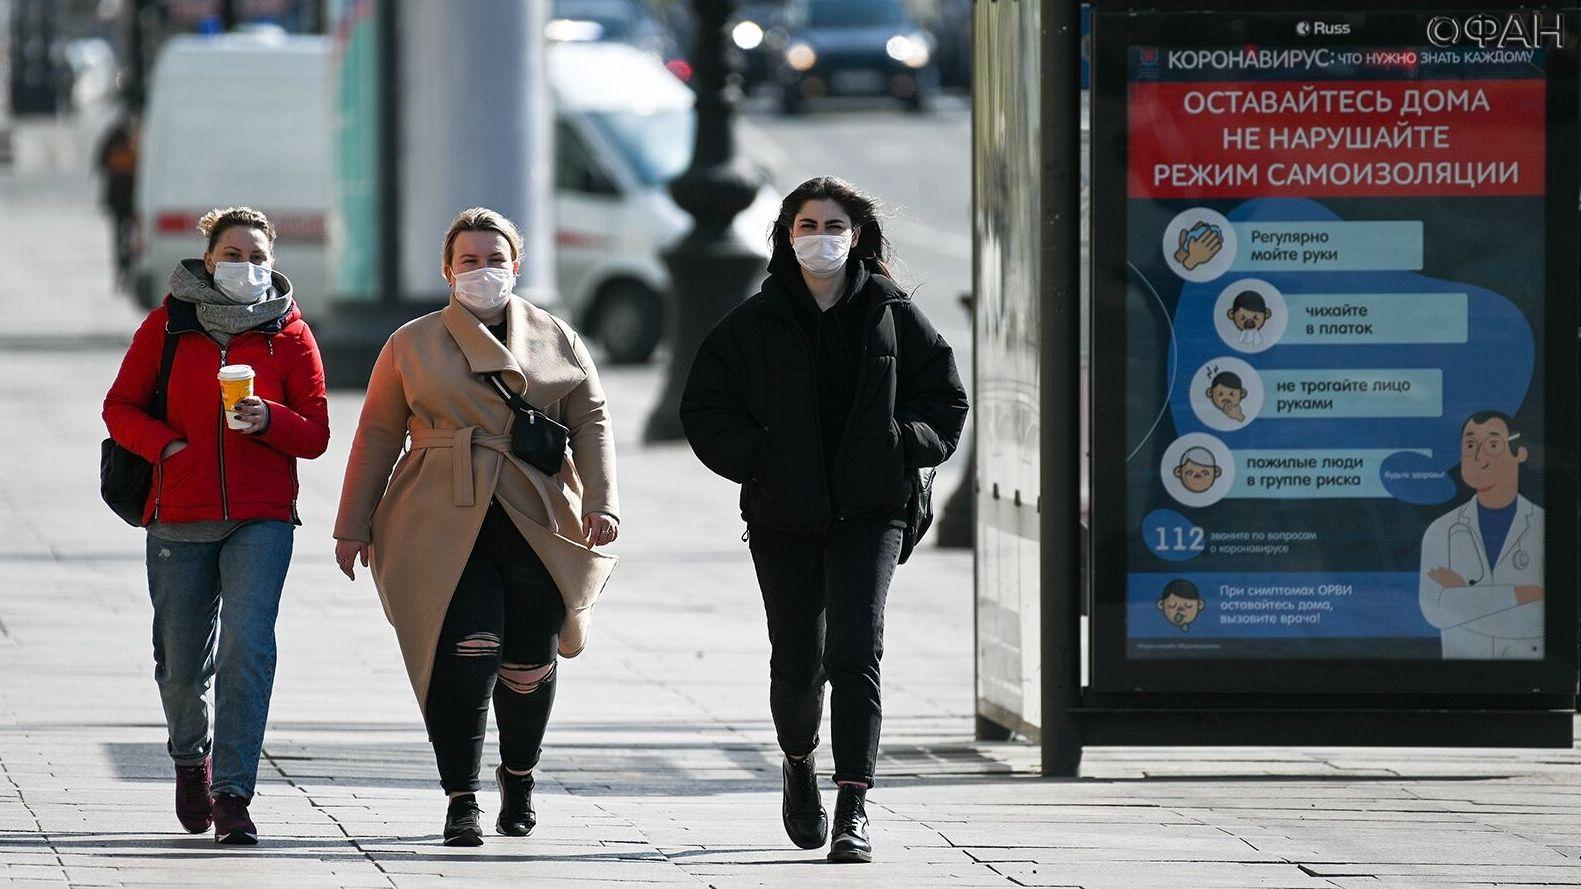 За сутки коронавирусом в стране заболели еще 4 тысячи человек. Данные по России и Свердловской области